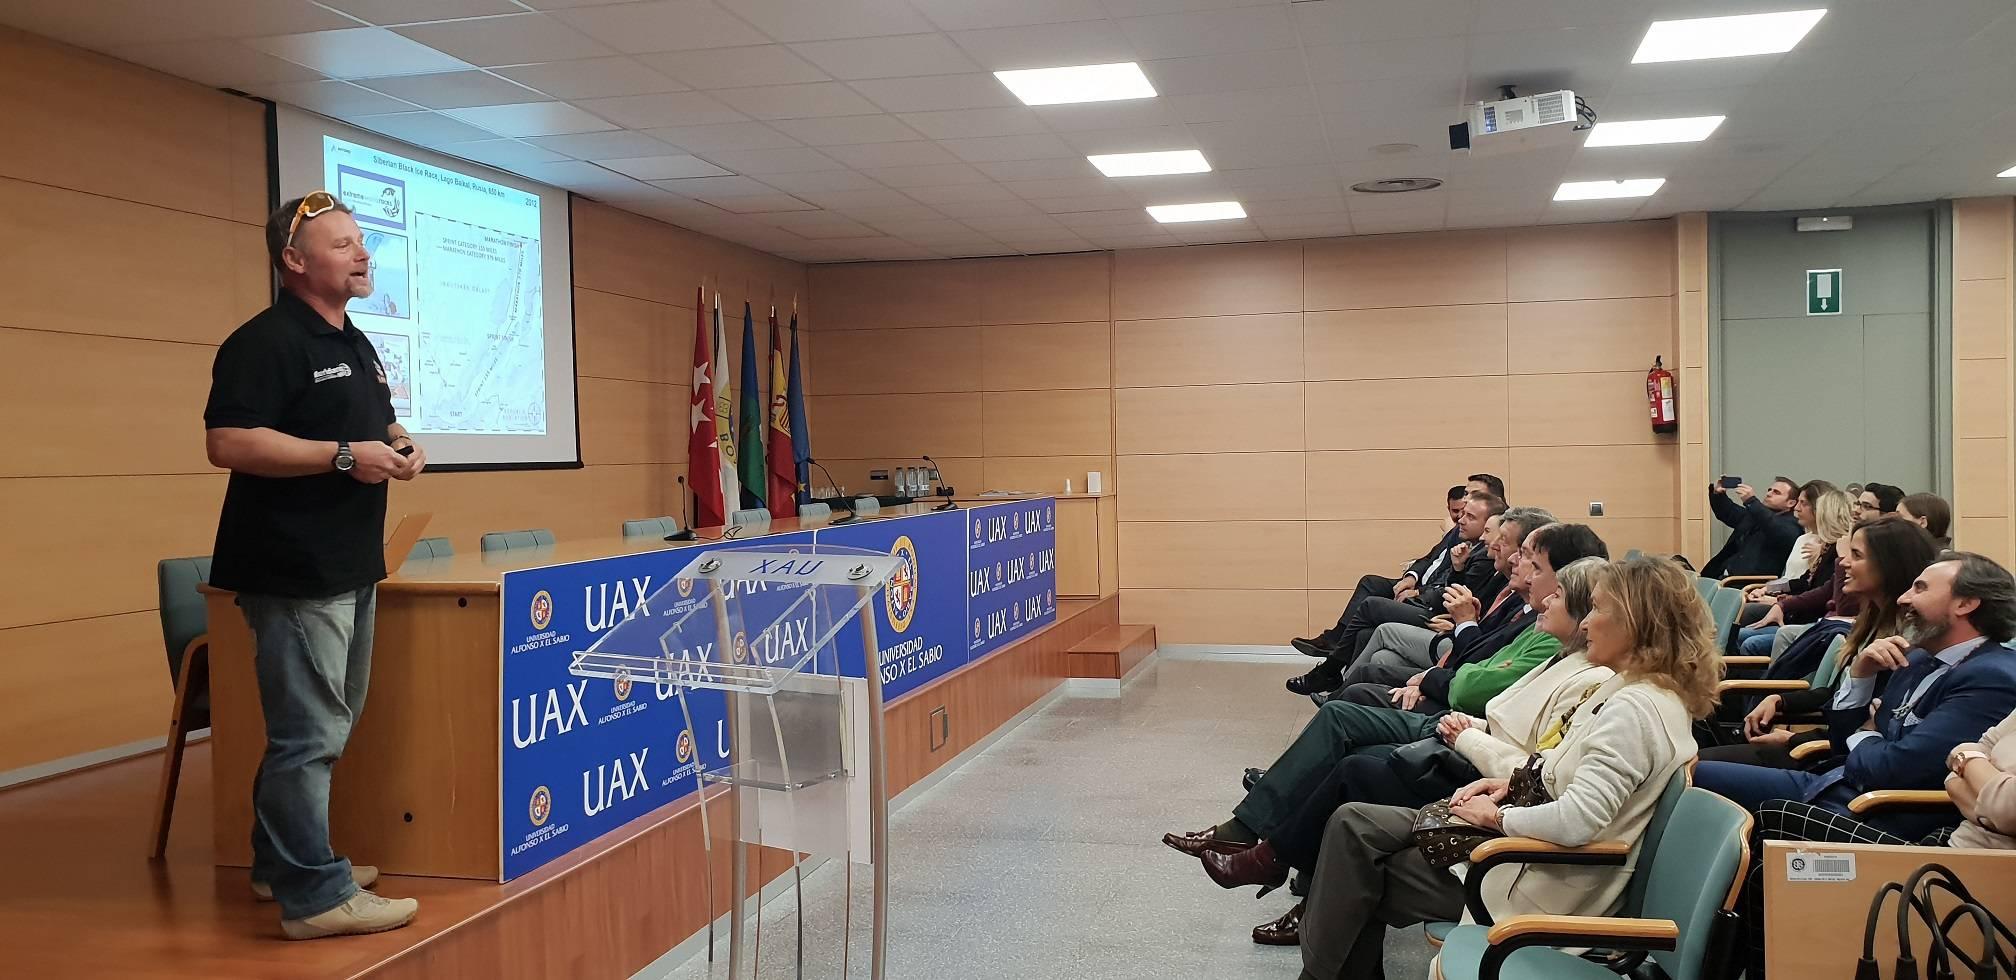 Conferencia de Antonio de la Rosa en la UAX.